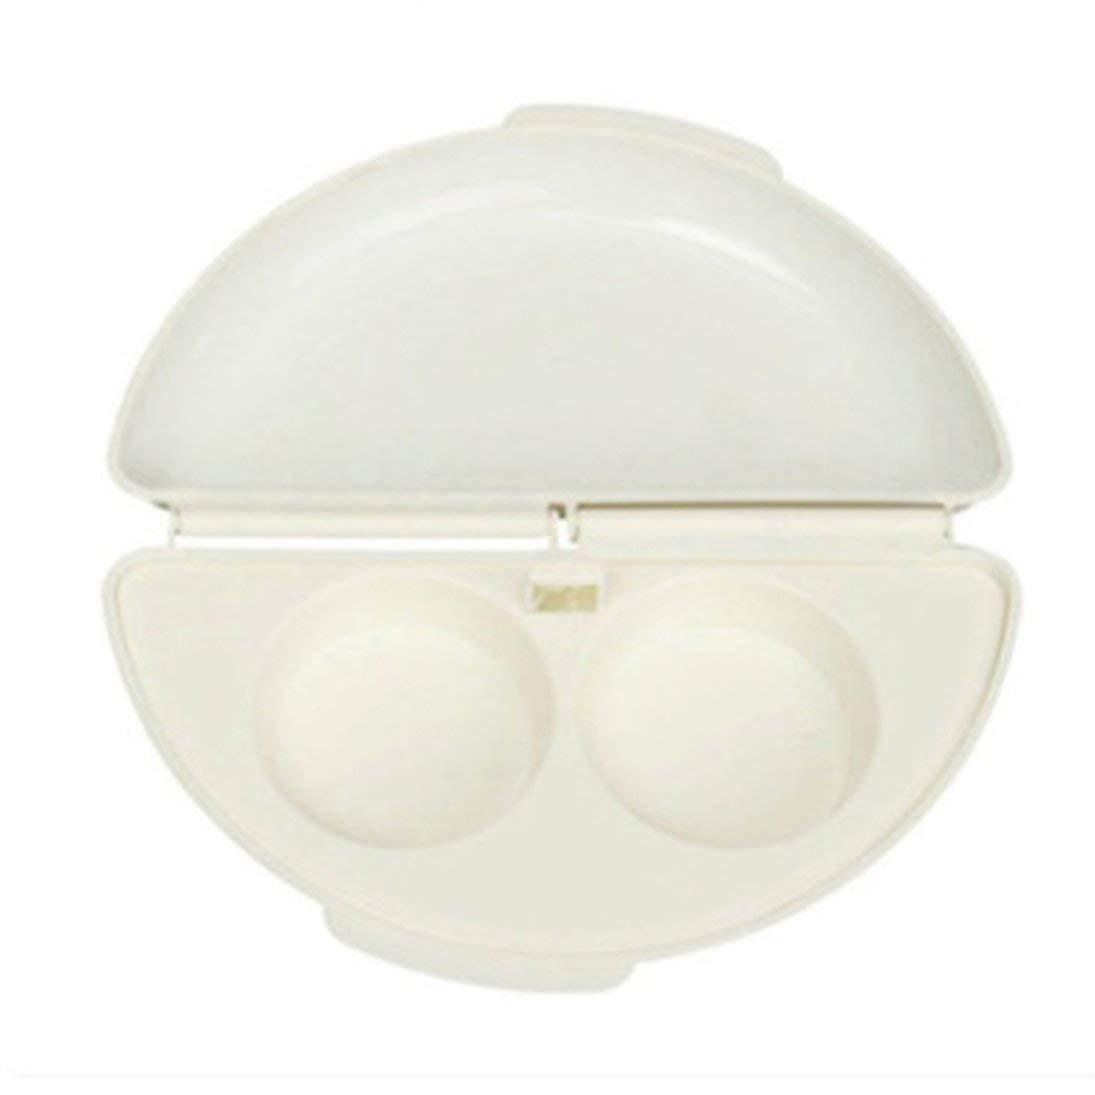 ToGames-DE Mikrowellen-Omelett-Kocher Nü tzliche Tragbare Eier Steamer Pan Eggs Wilderer